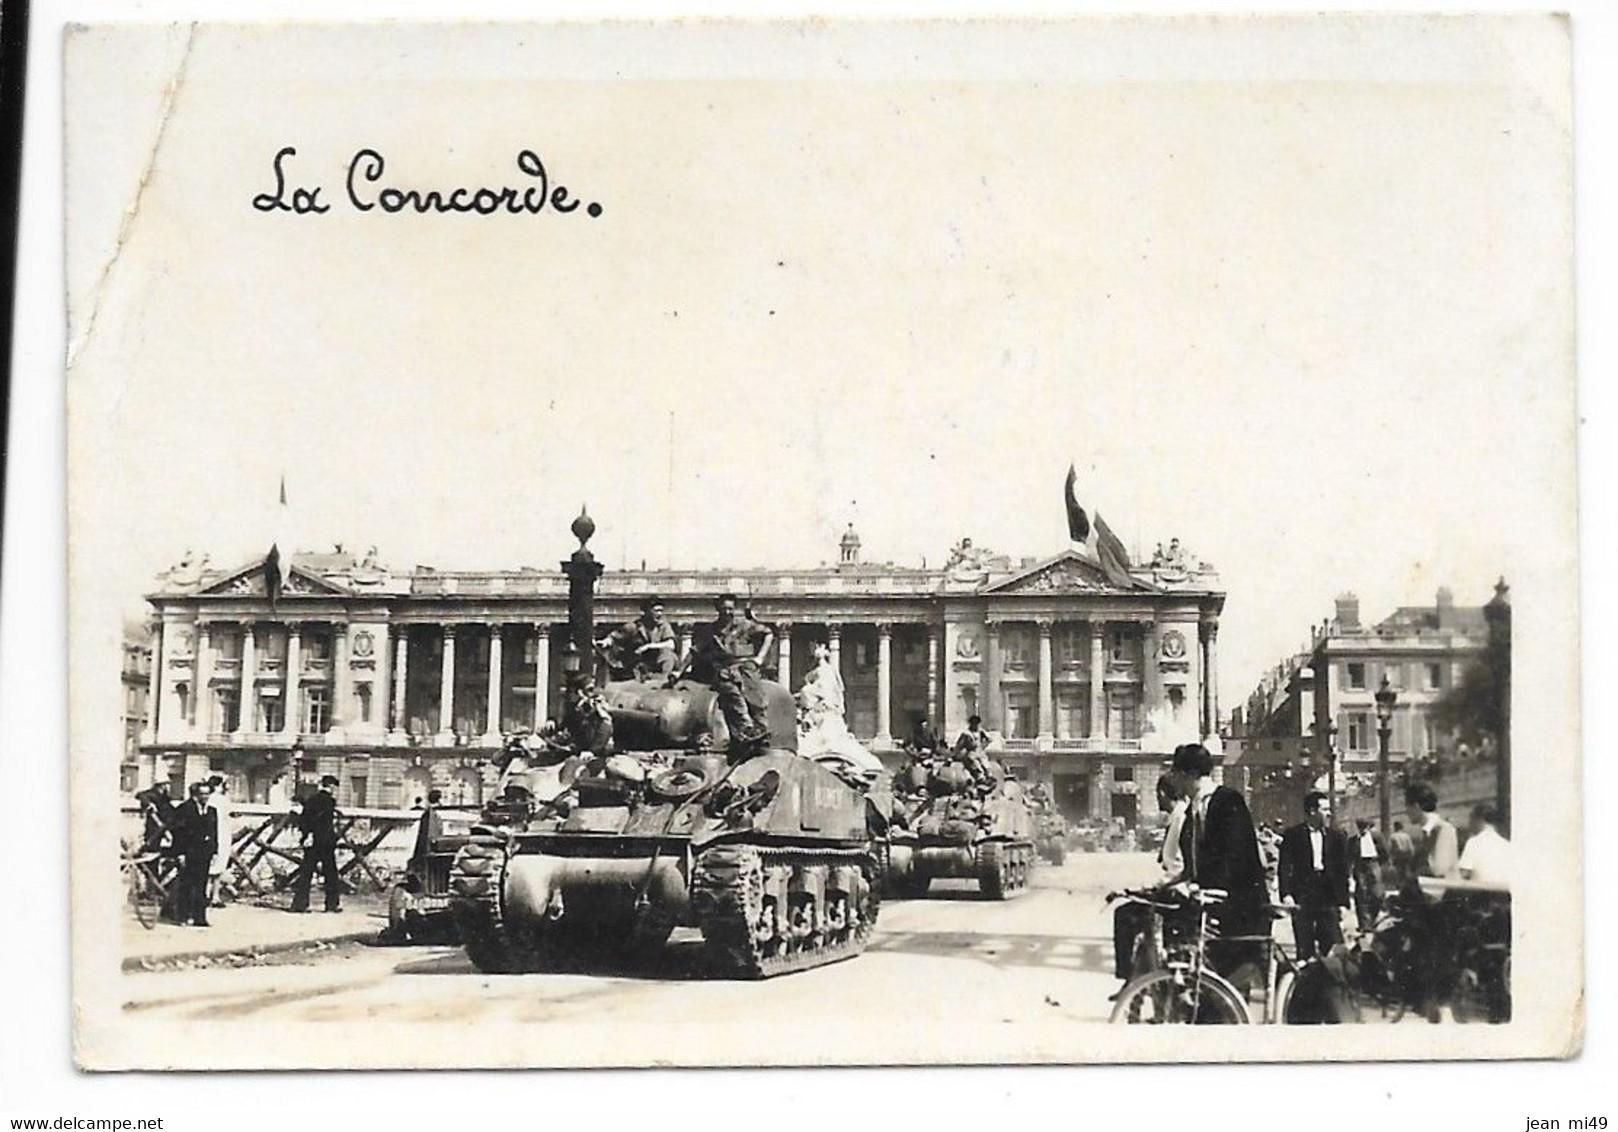 PHOTO (Format 8,8 X 6) - Libération De Paris Place De La Concorde 1945 - Circulé Caché S.P.N. 1930- Croix De Lorraine FM - 1939-45